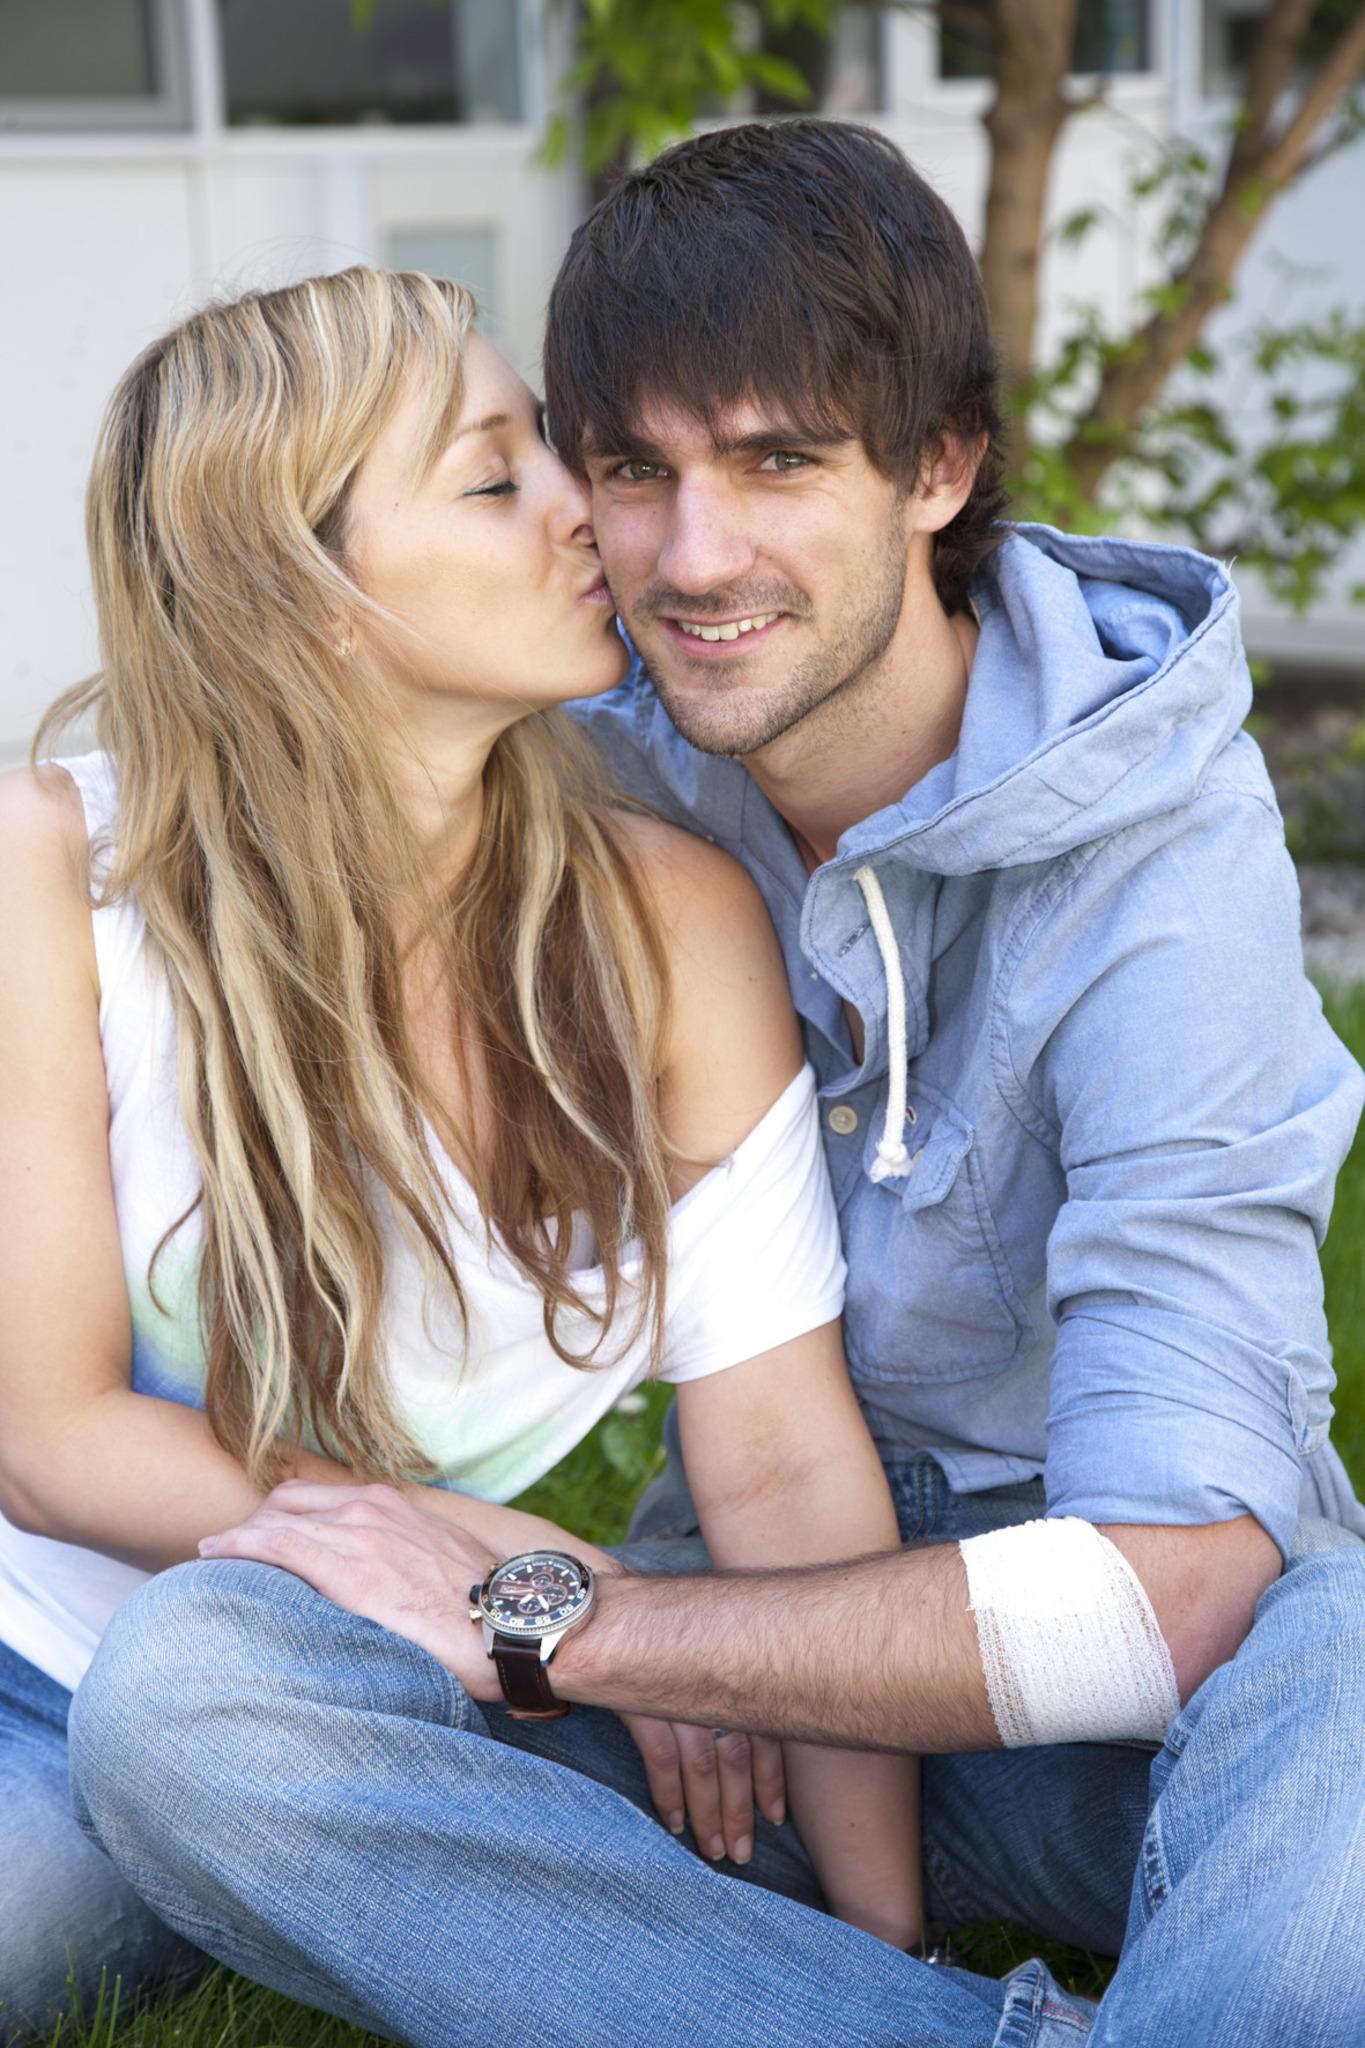 Ybbsitz dating service Dating seite aus werfen